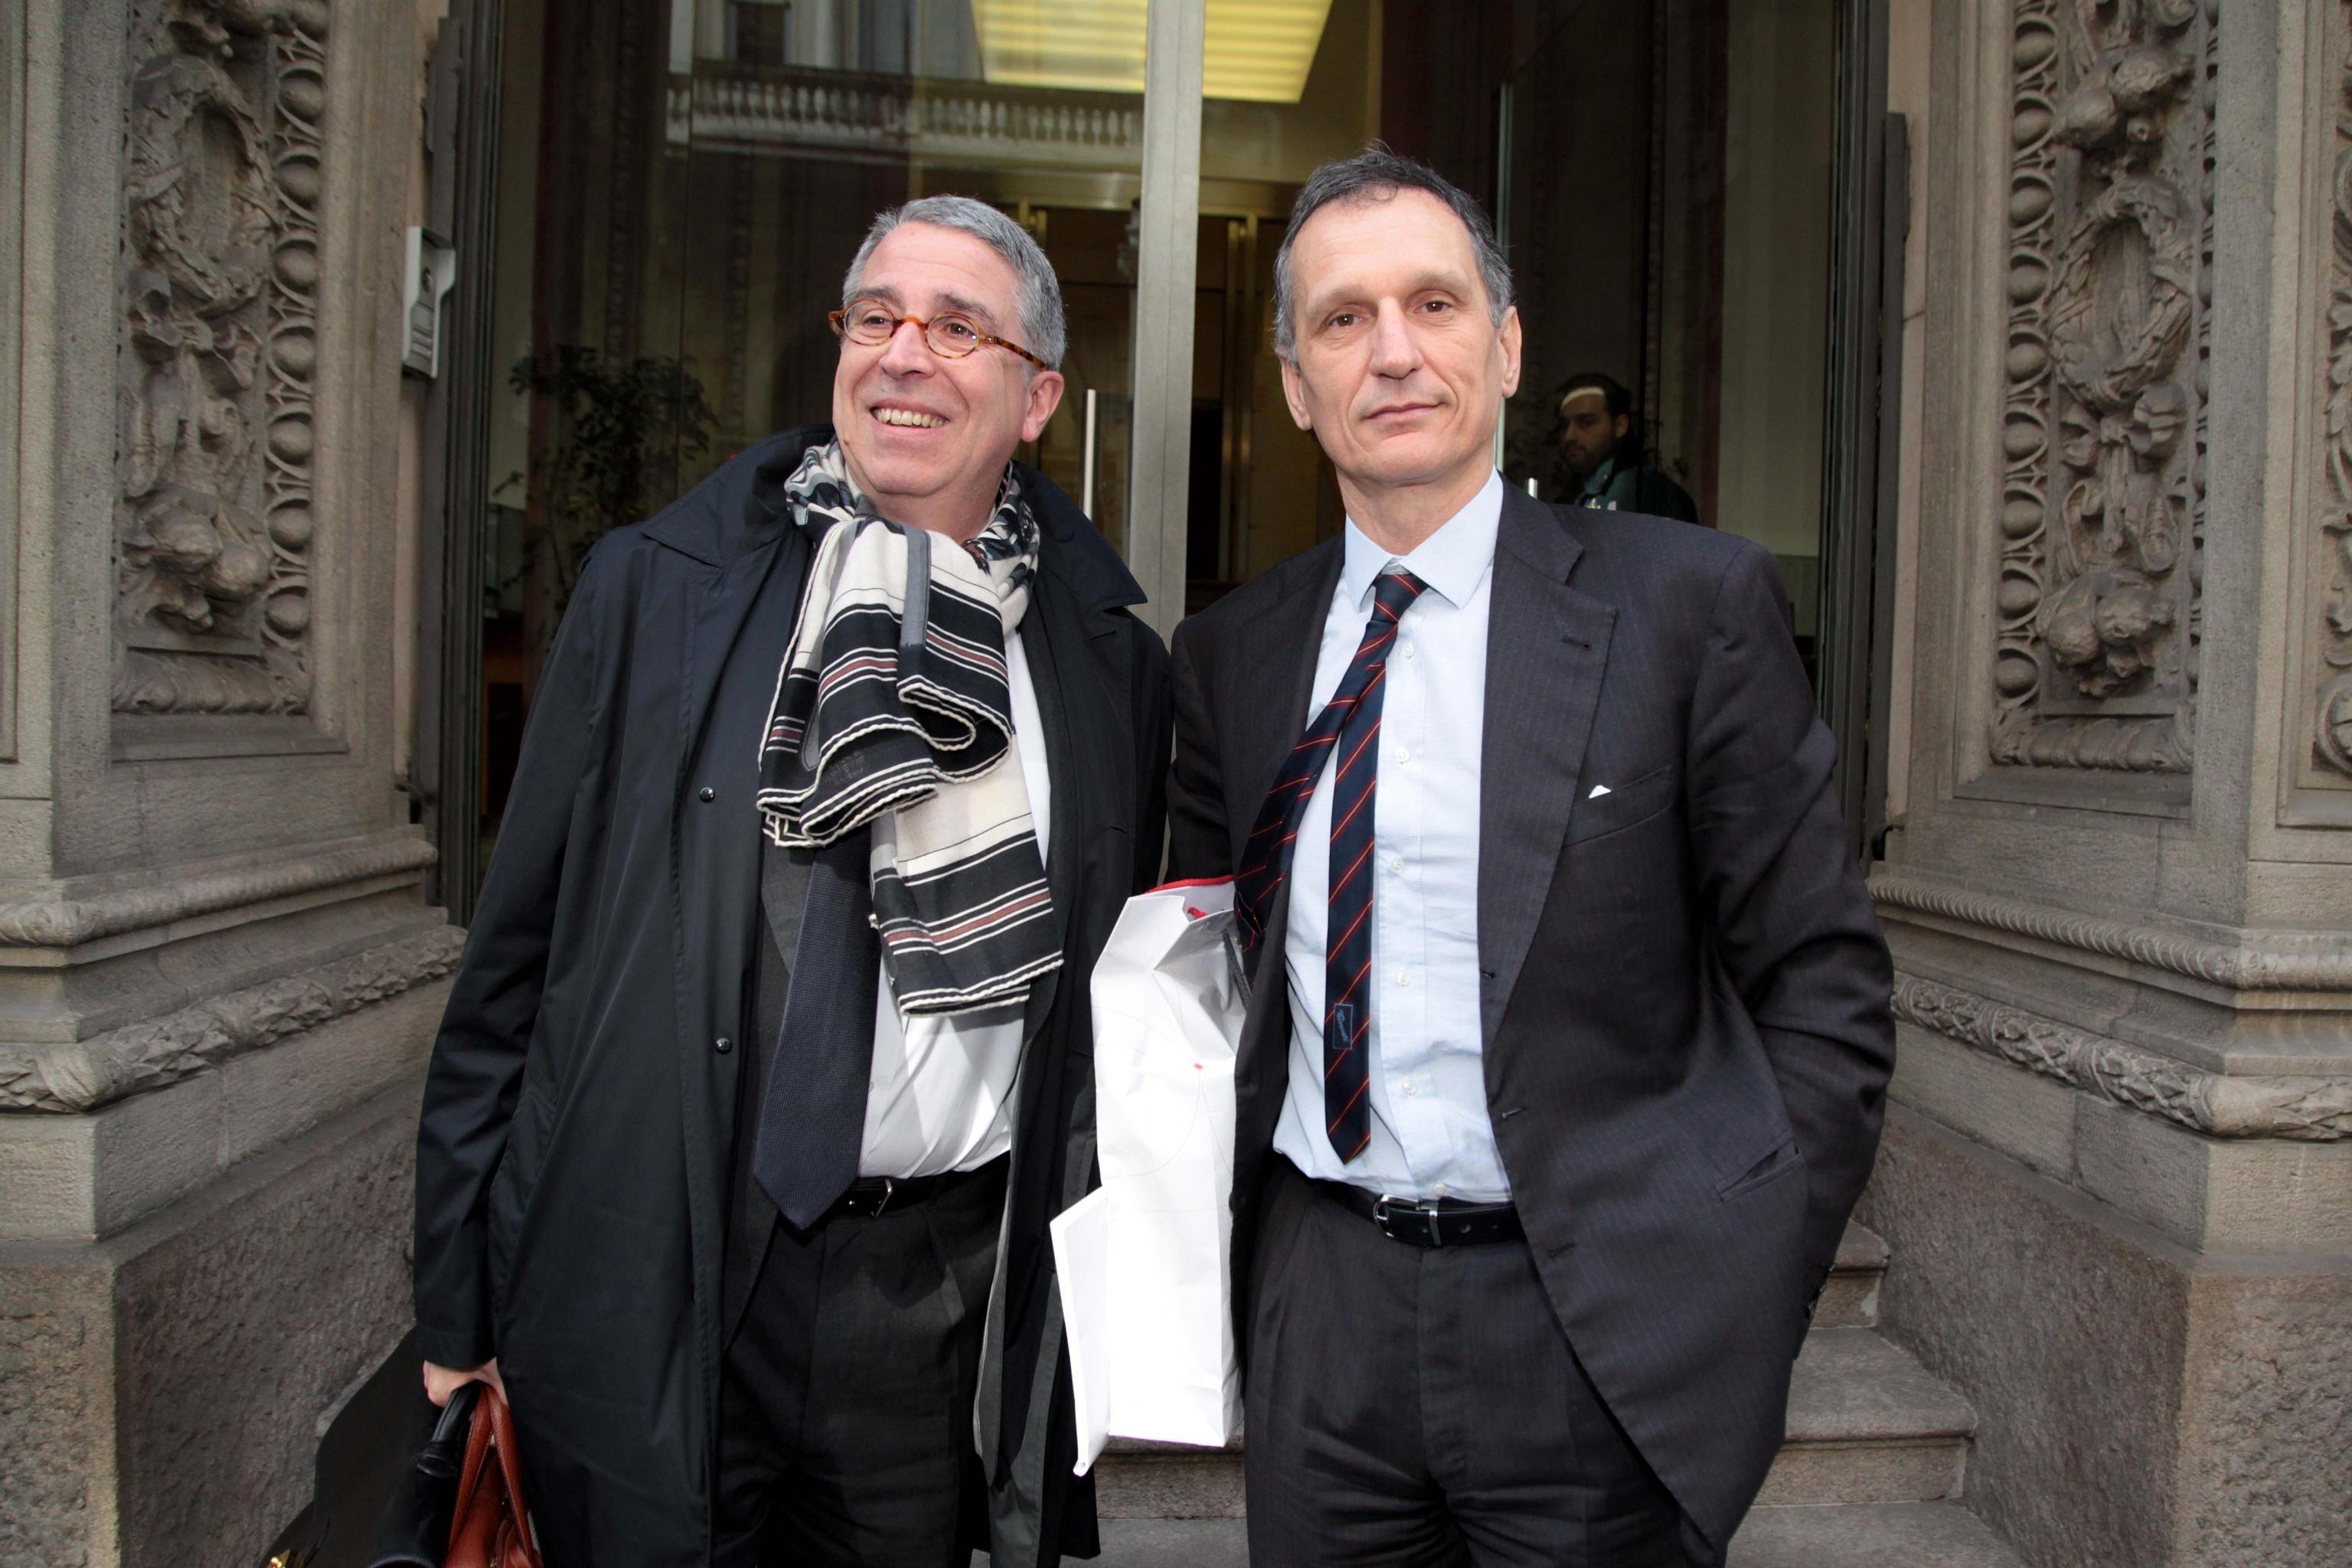 Il ceo di Vivendi De Puyfontaine (a sinistra) e il presidente di Telecom Italia Giuseppe Recchi (a destra), fotografati ieri pirma dell'inizio del Cda